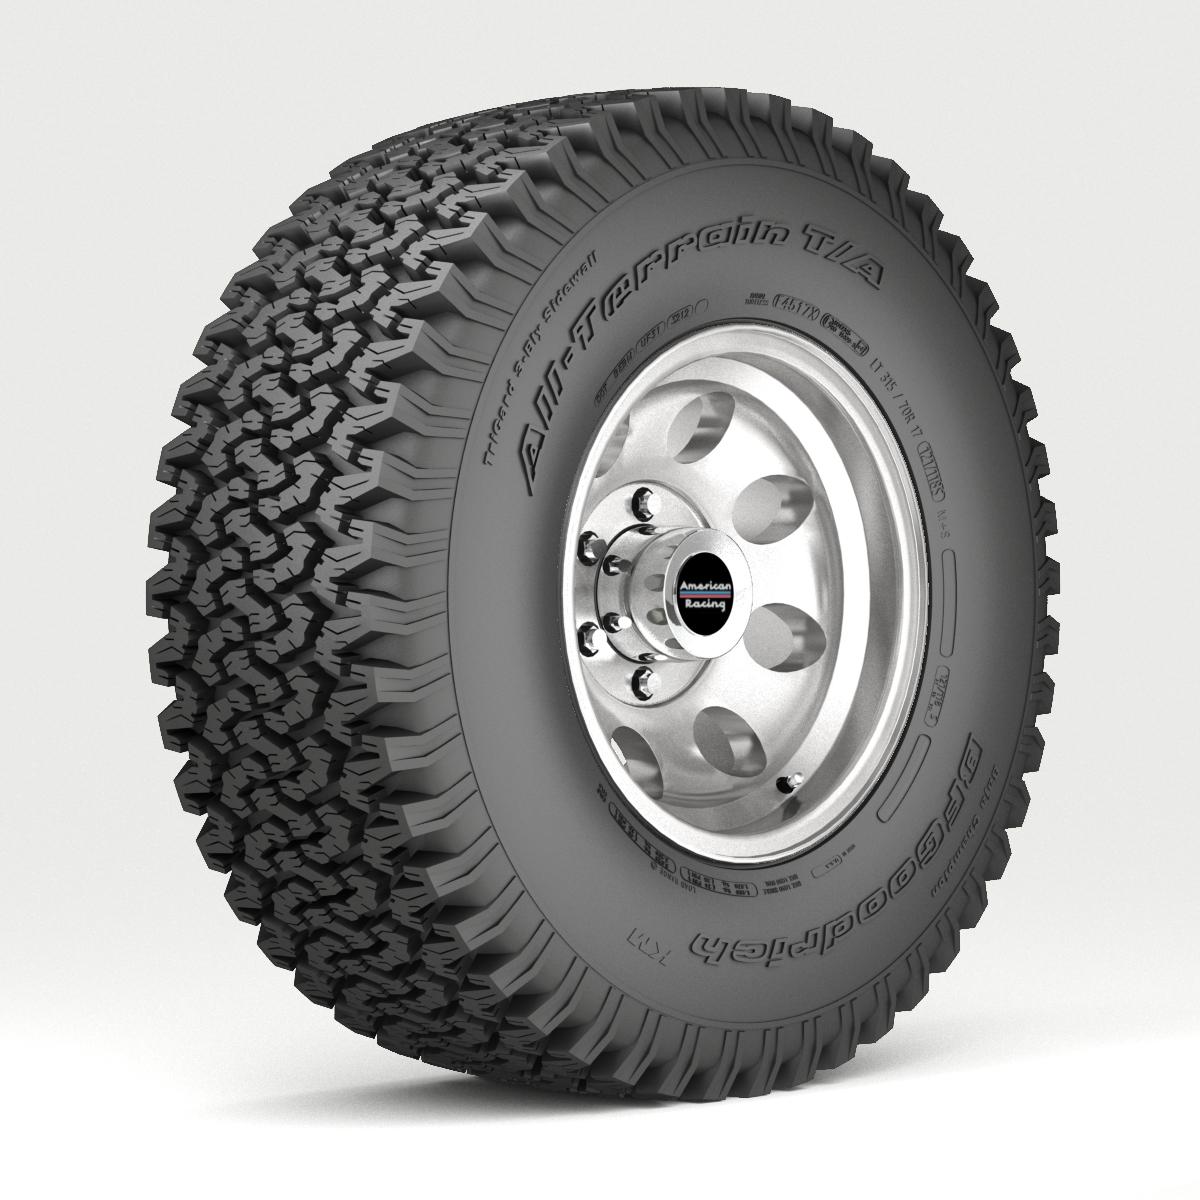 Off road wheel and tire 3d model 3ds max fbx tga targa icb vda vst pix obj 224390